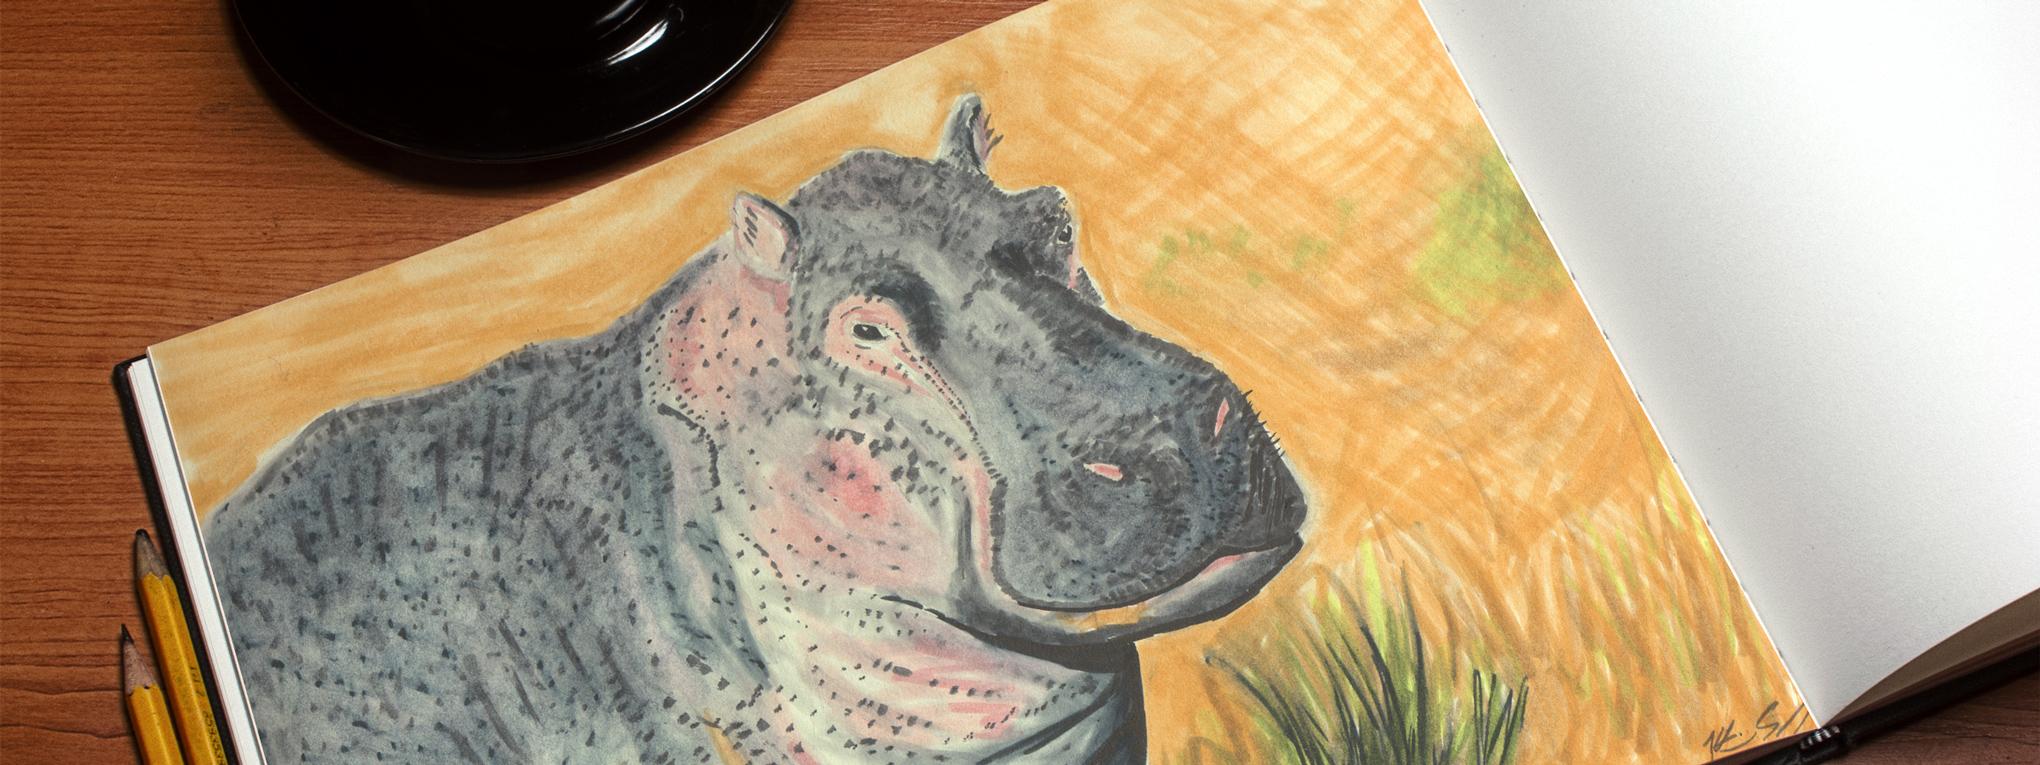 Hippo, 2014